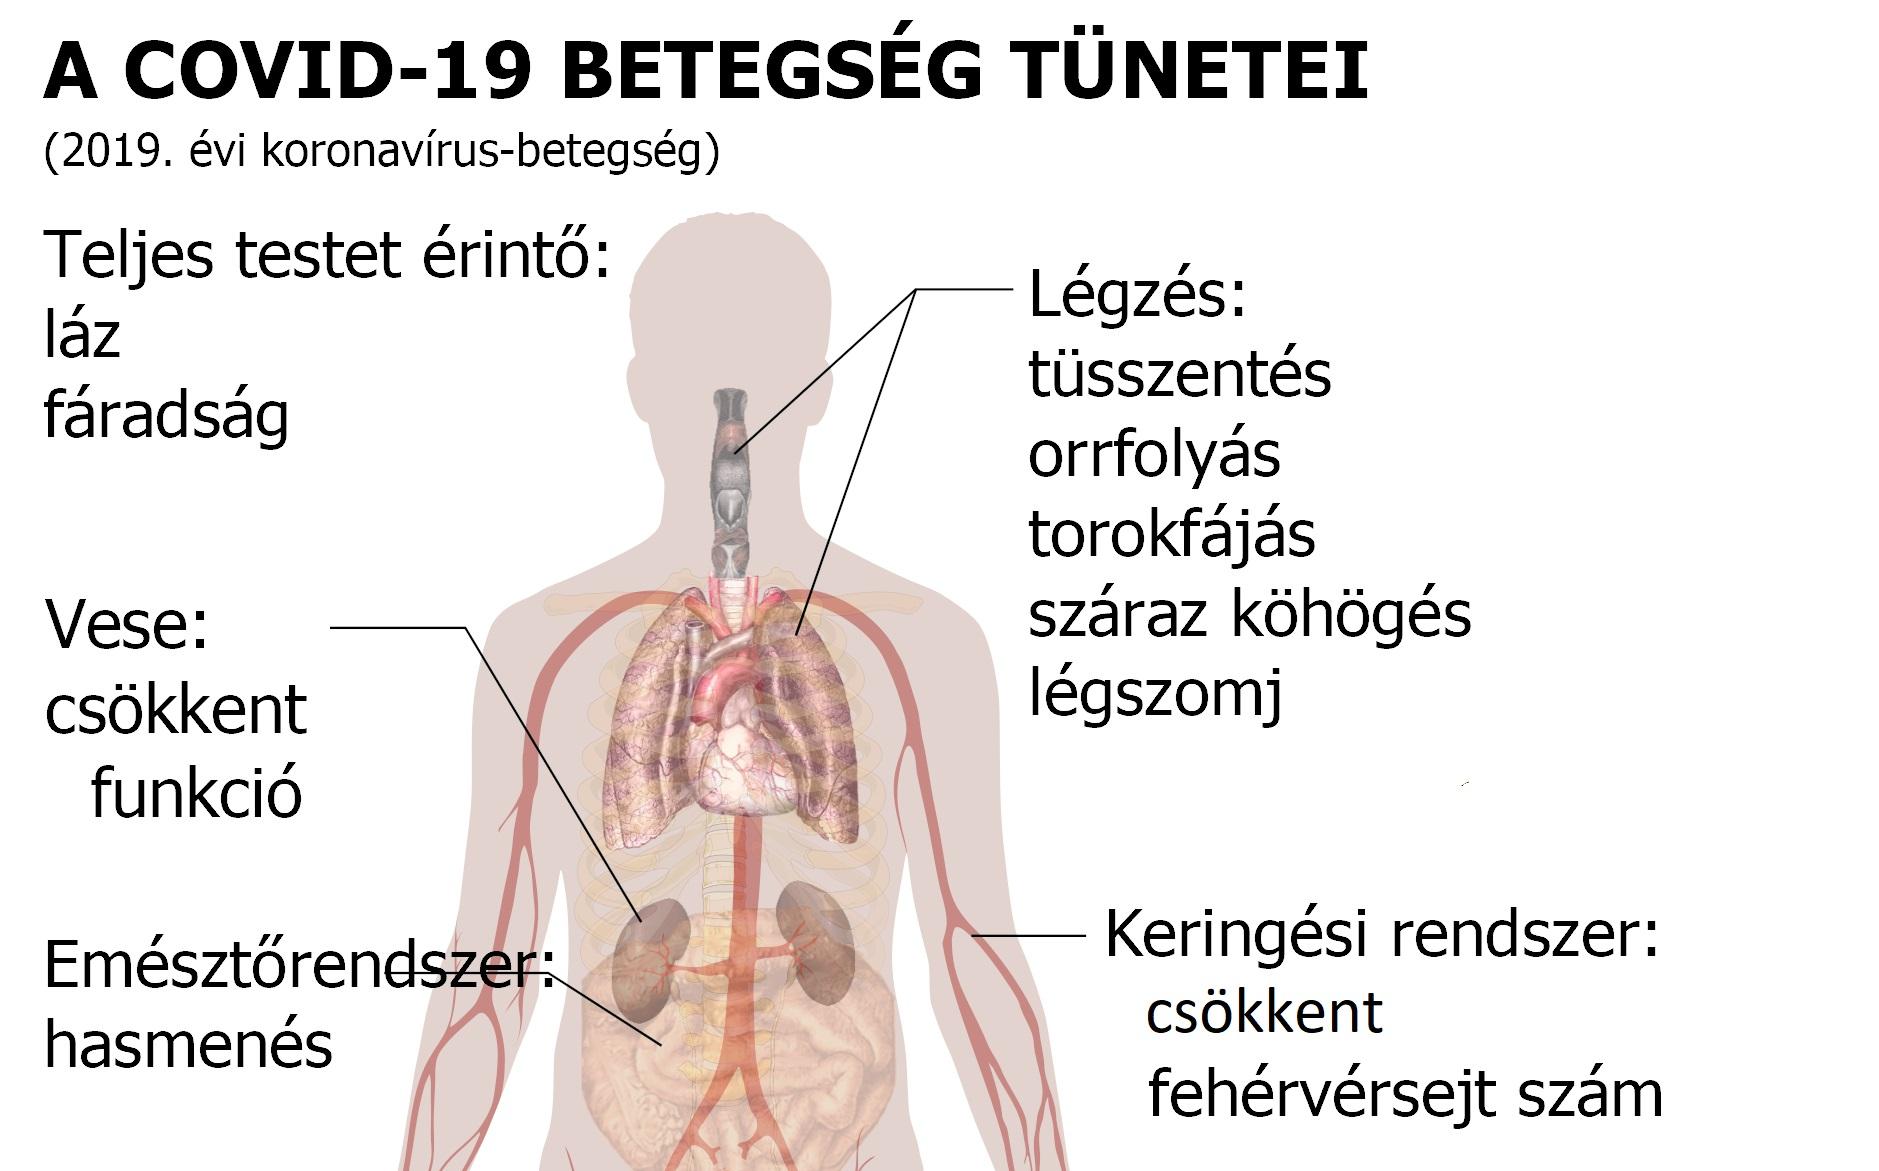 Magas vérnyomás klinika etiológiája. Sütik használata